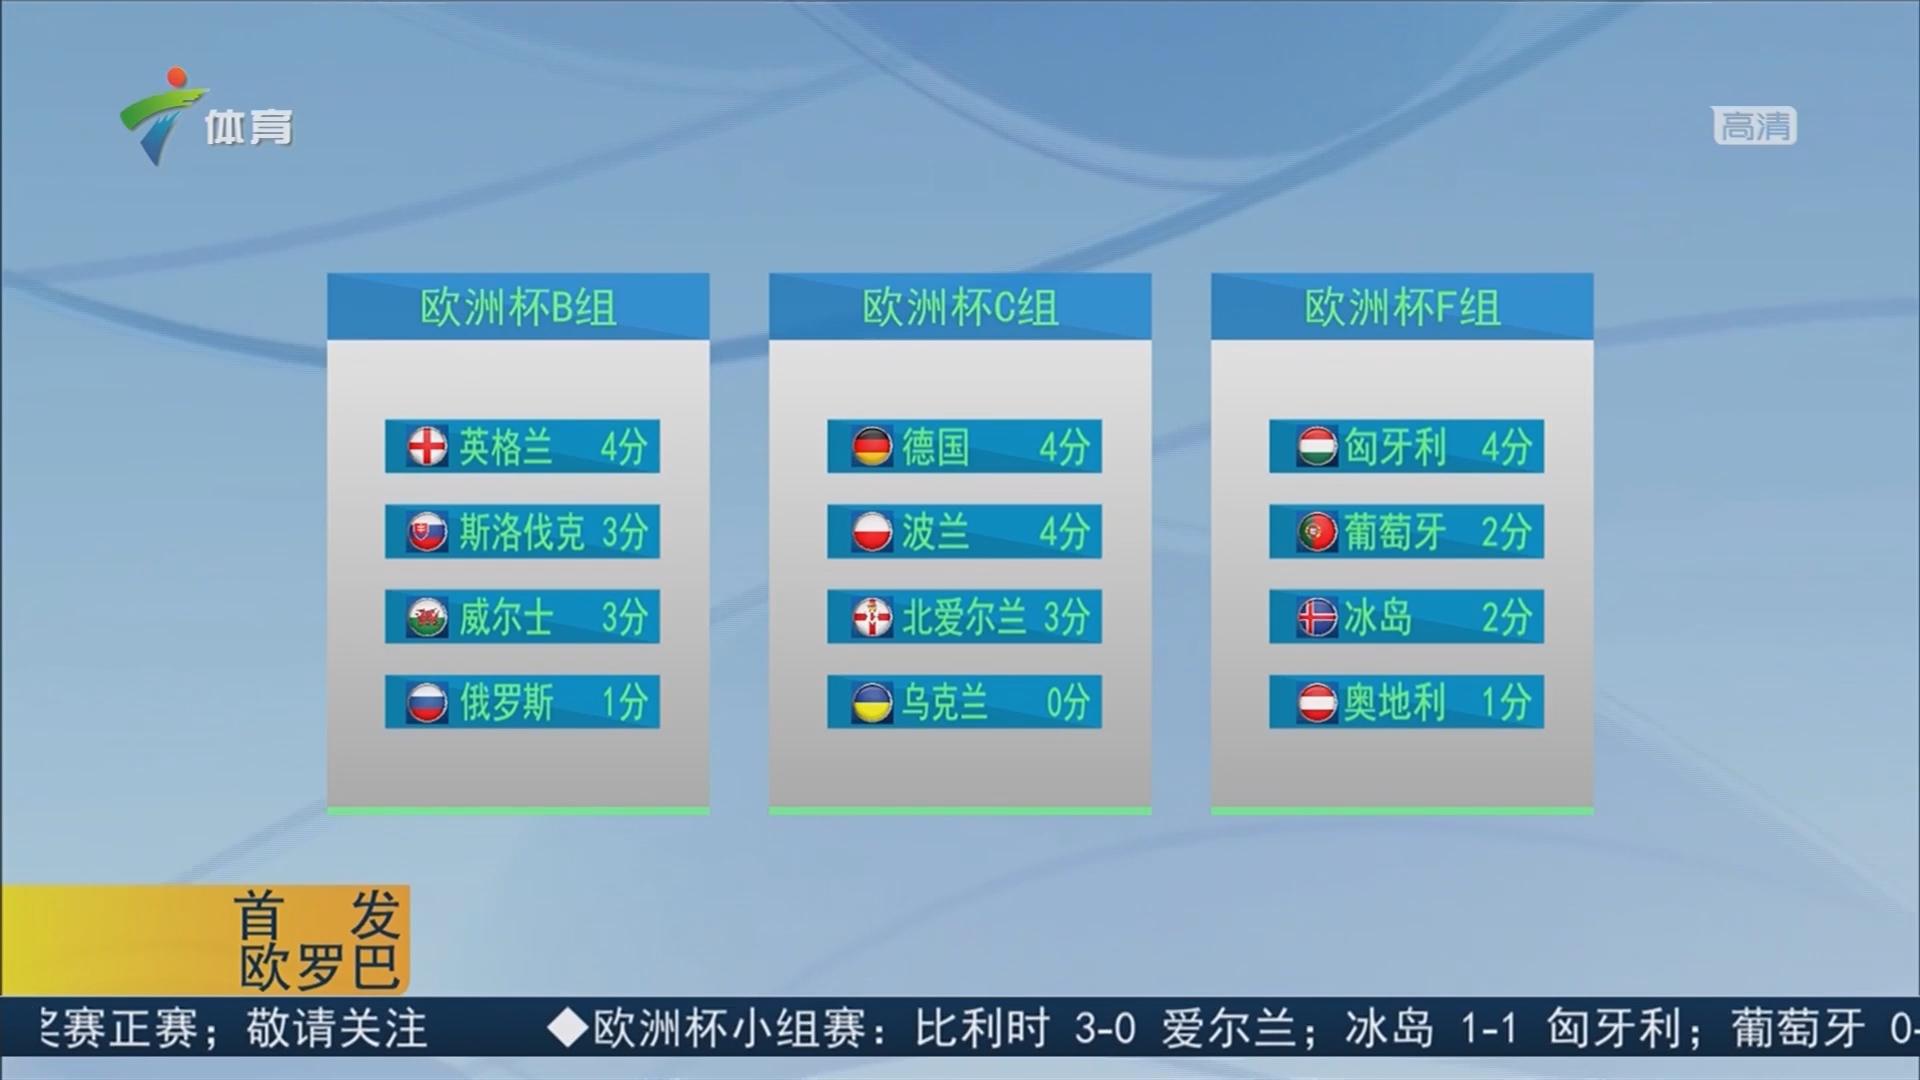 六个小组积分赛排名